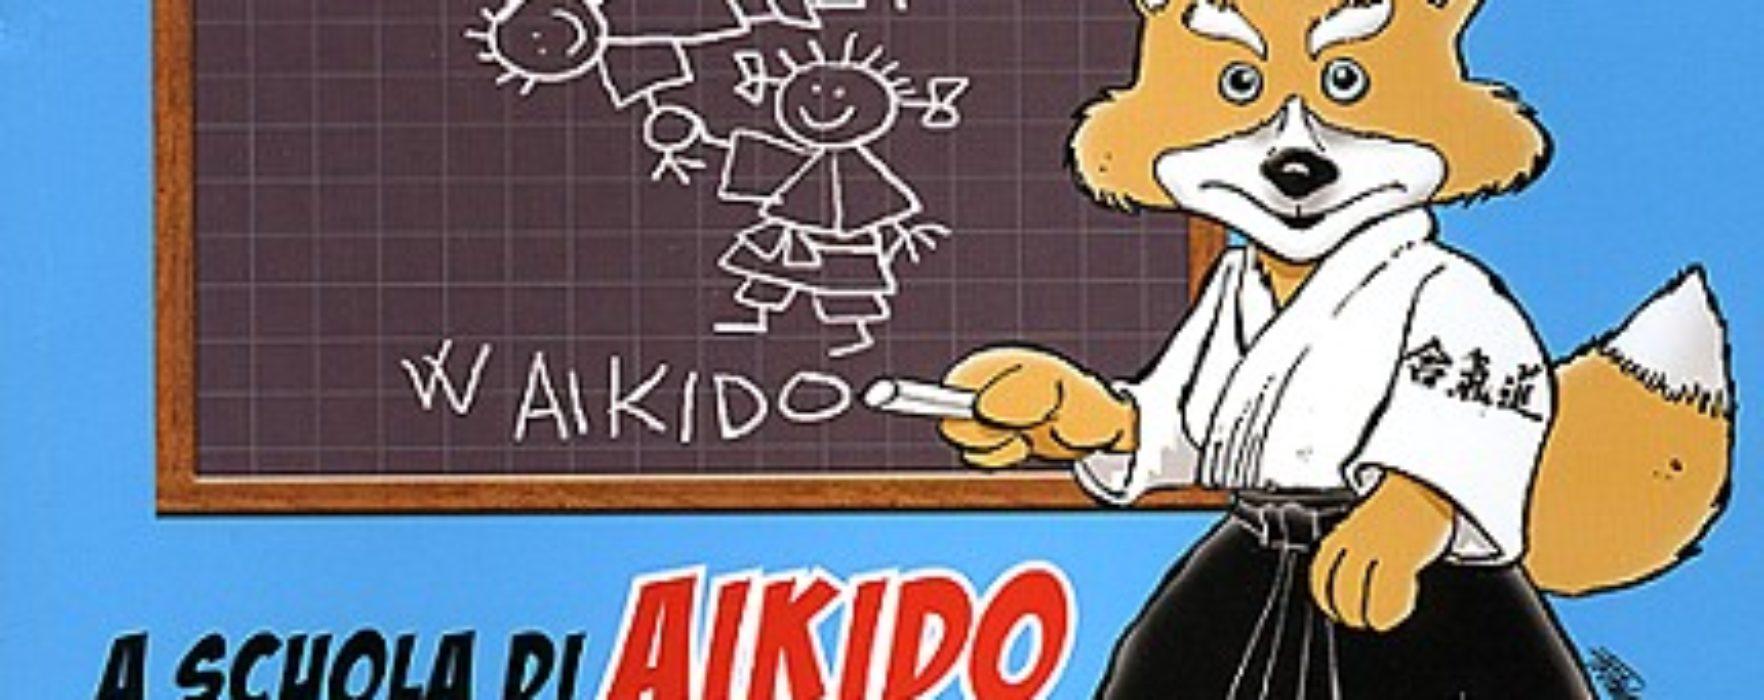 Dessì Francesco: A scuola di Aikido